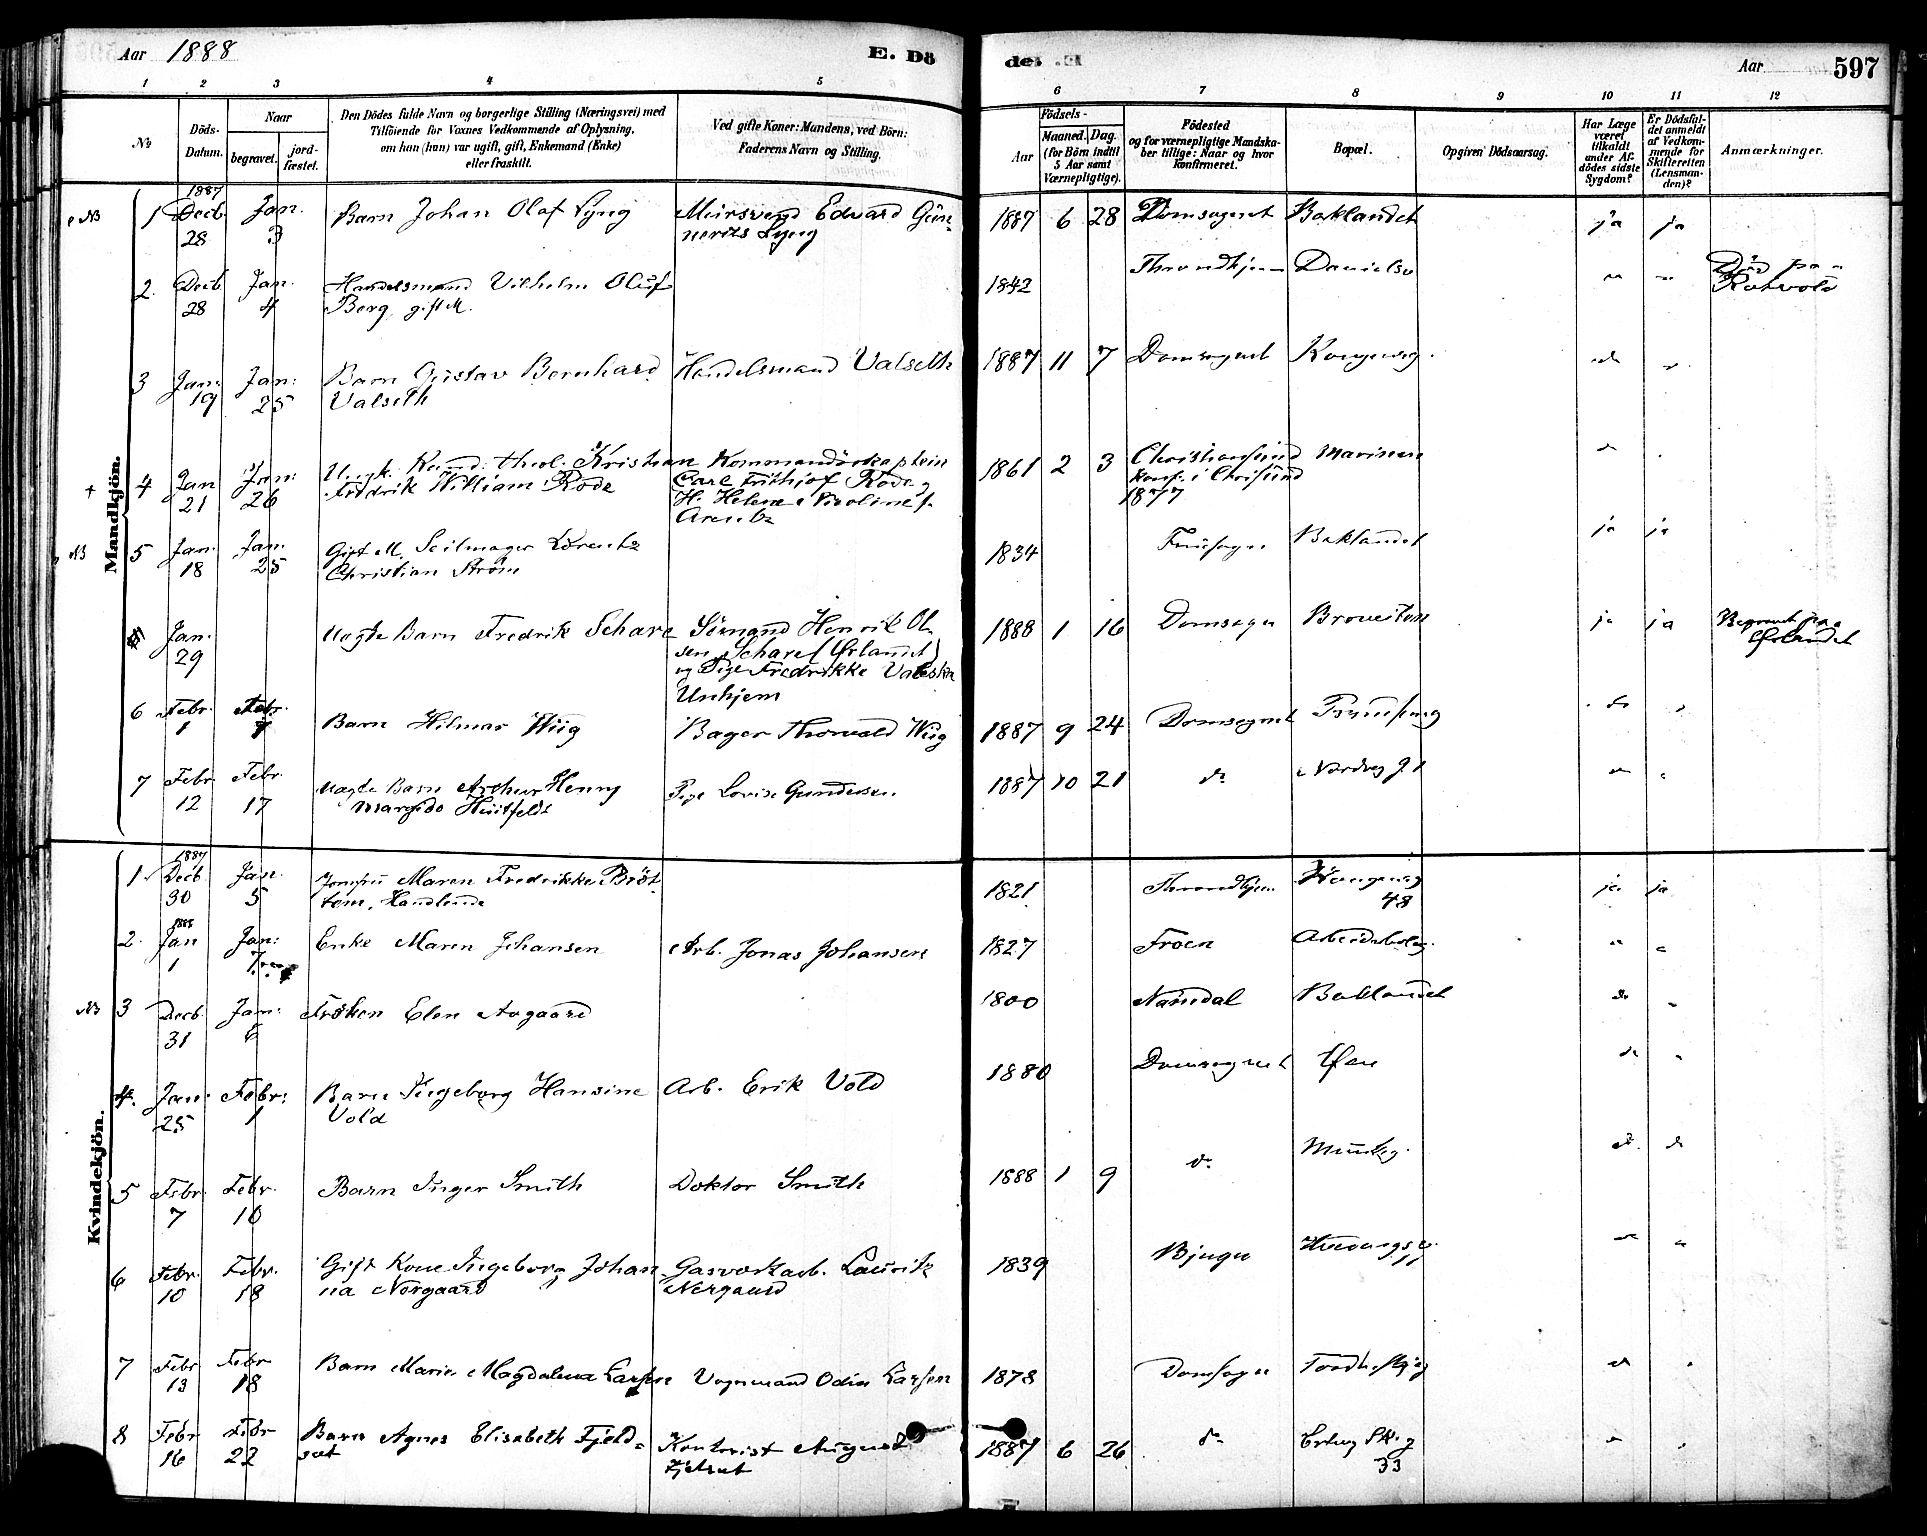 SAT, Ministerialprotokoller, klokkerbøker og fødselsregistre - Sør-Trøndelag, 601/L0058: Ministerialbok nr. 601A26, 1877-1891, s. 597